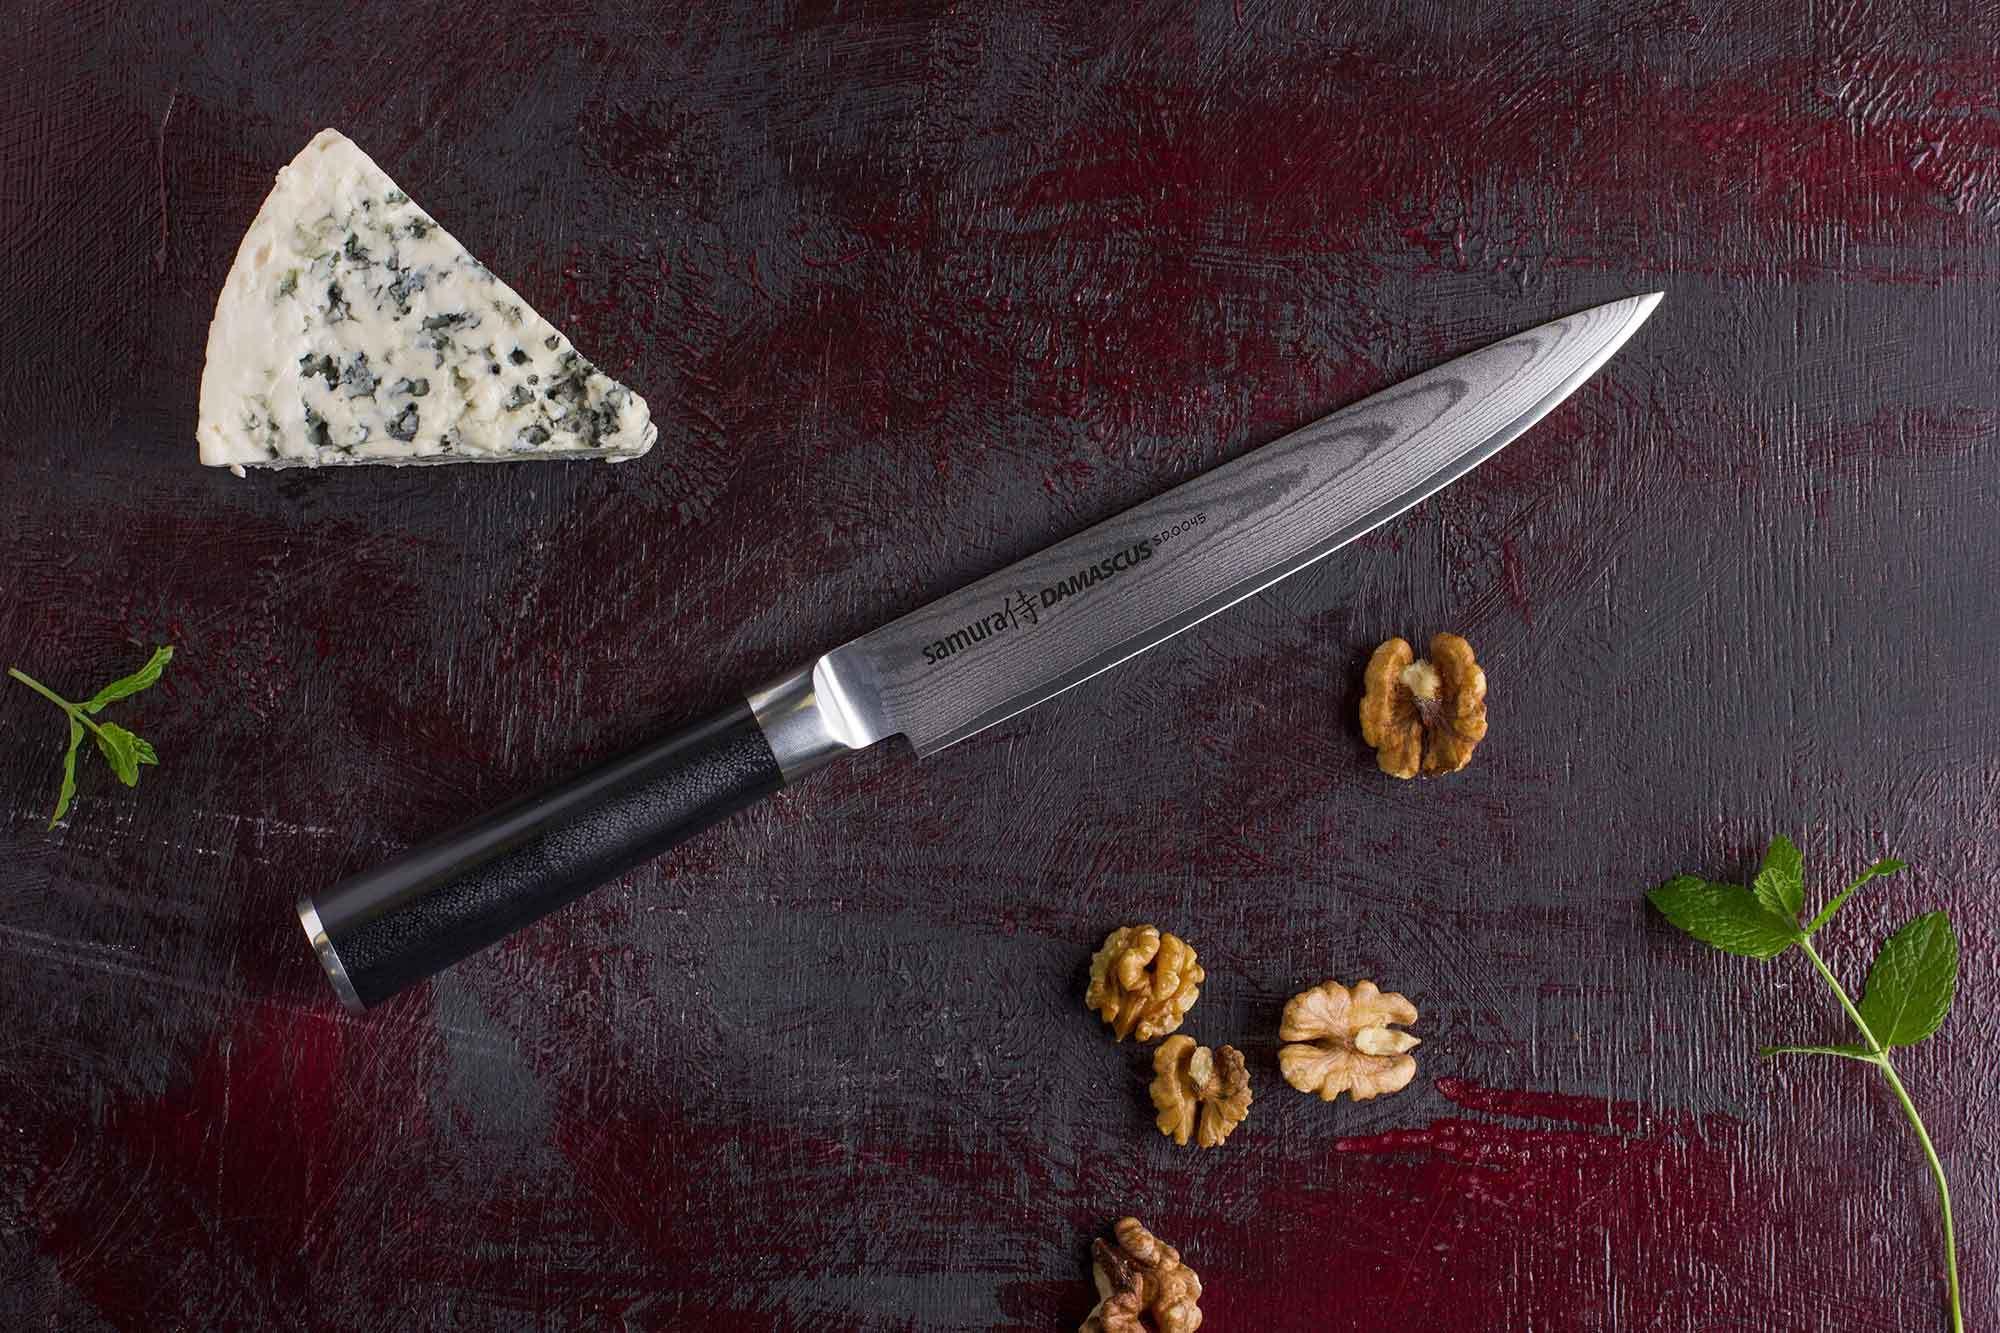 Фото 5 - Нож кухонный для нарезки Samura Damascus SD-0045/Y, сталь VG-10/дамаск, рукоять стеклотекстолит